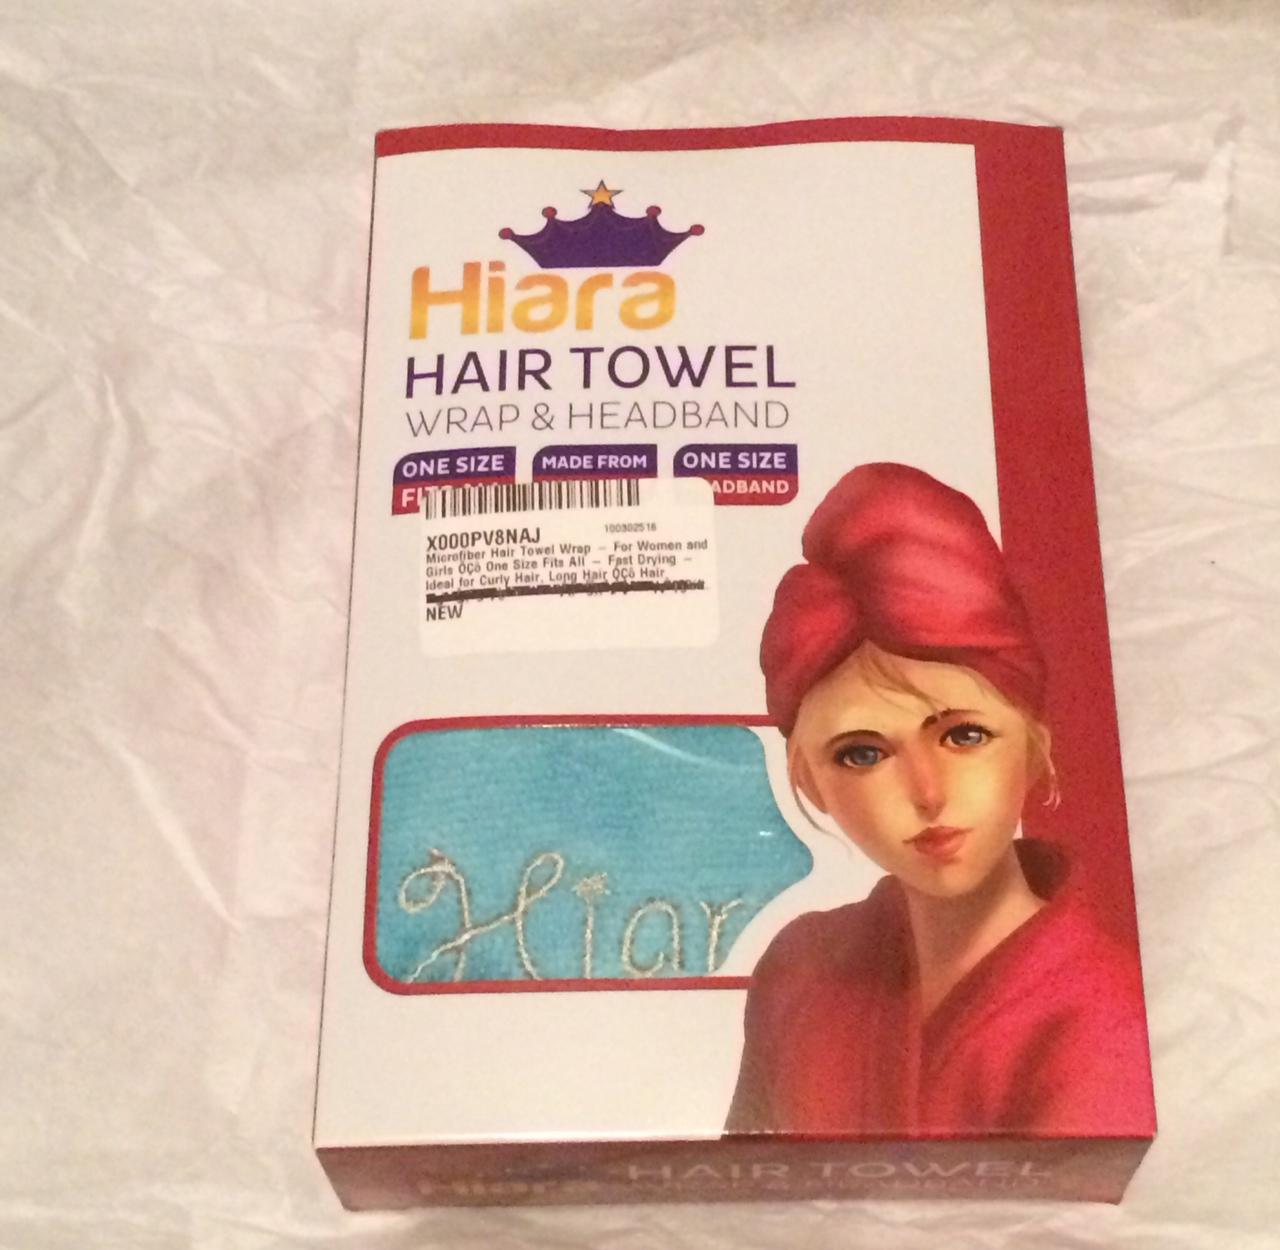 Microfiber Hair Towel Reviews: Always Blabbing: Microfiber Hair Drying Towel Review